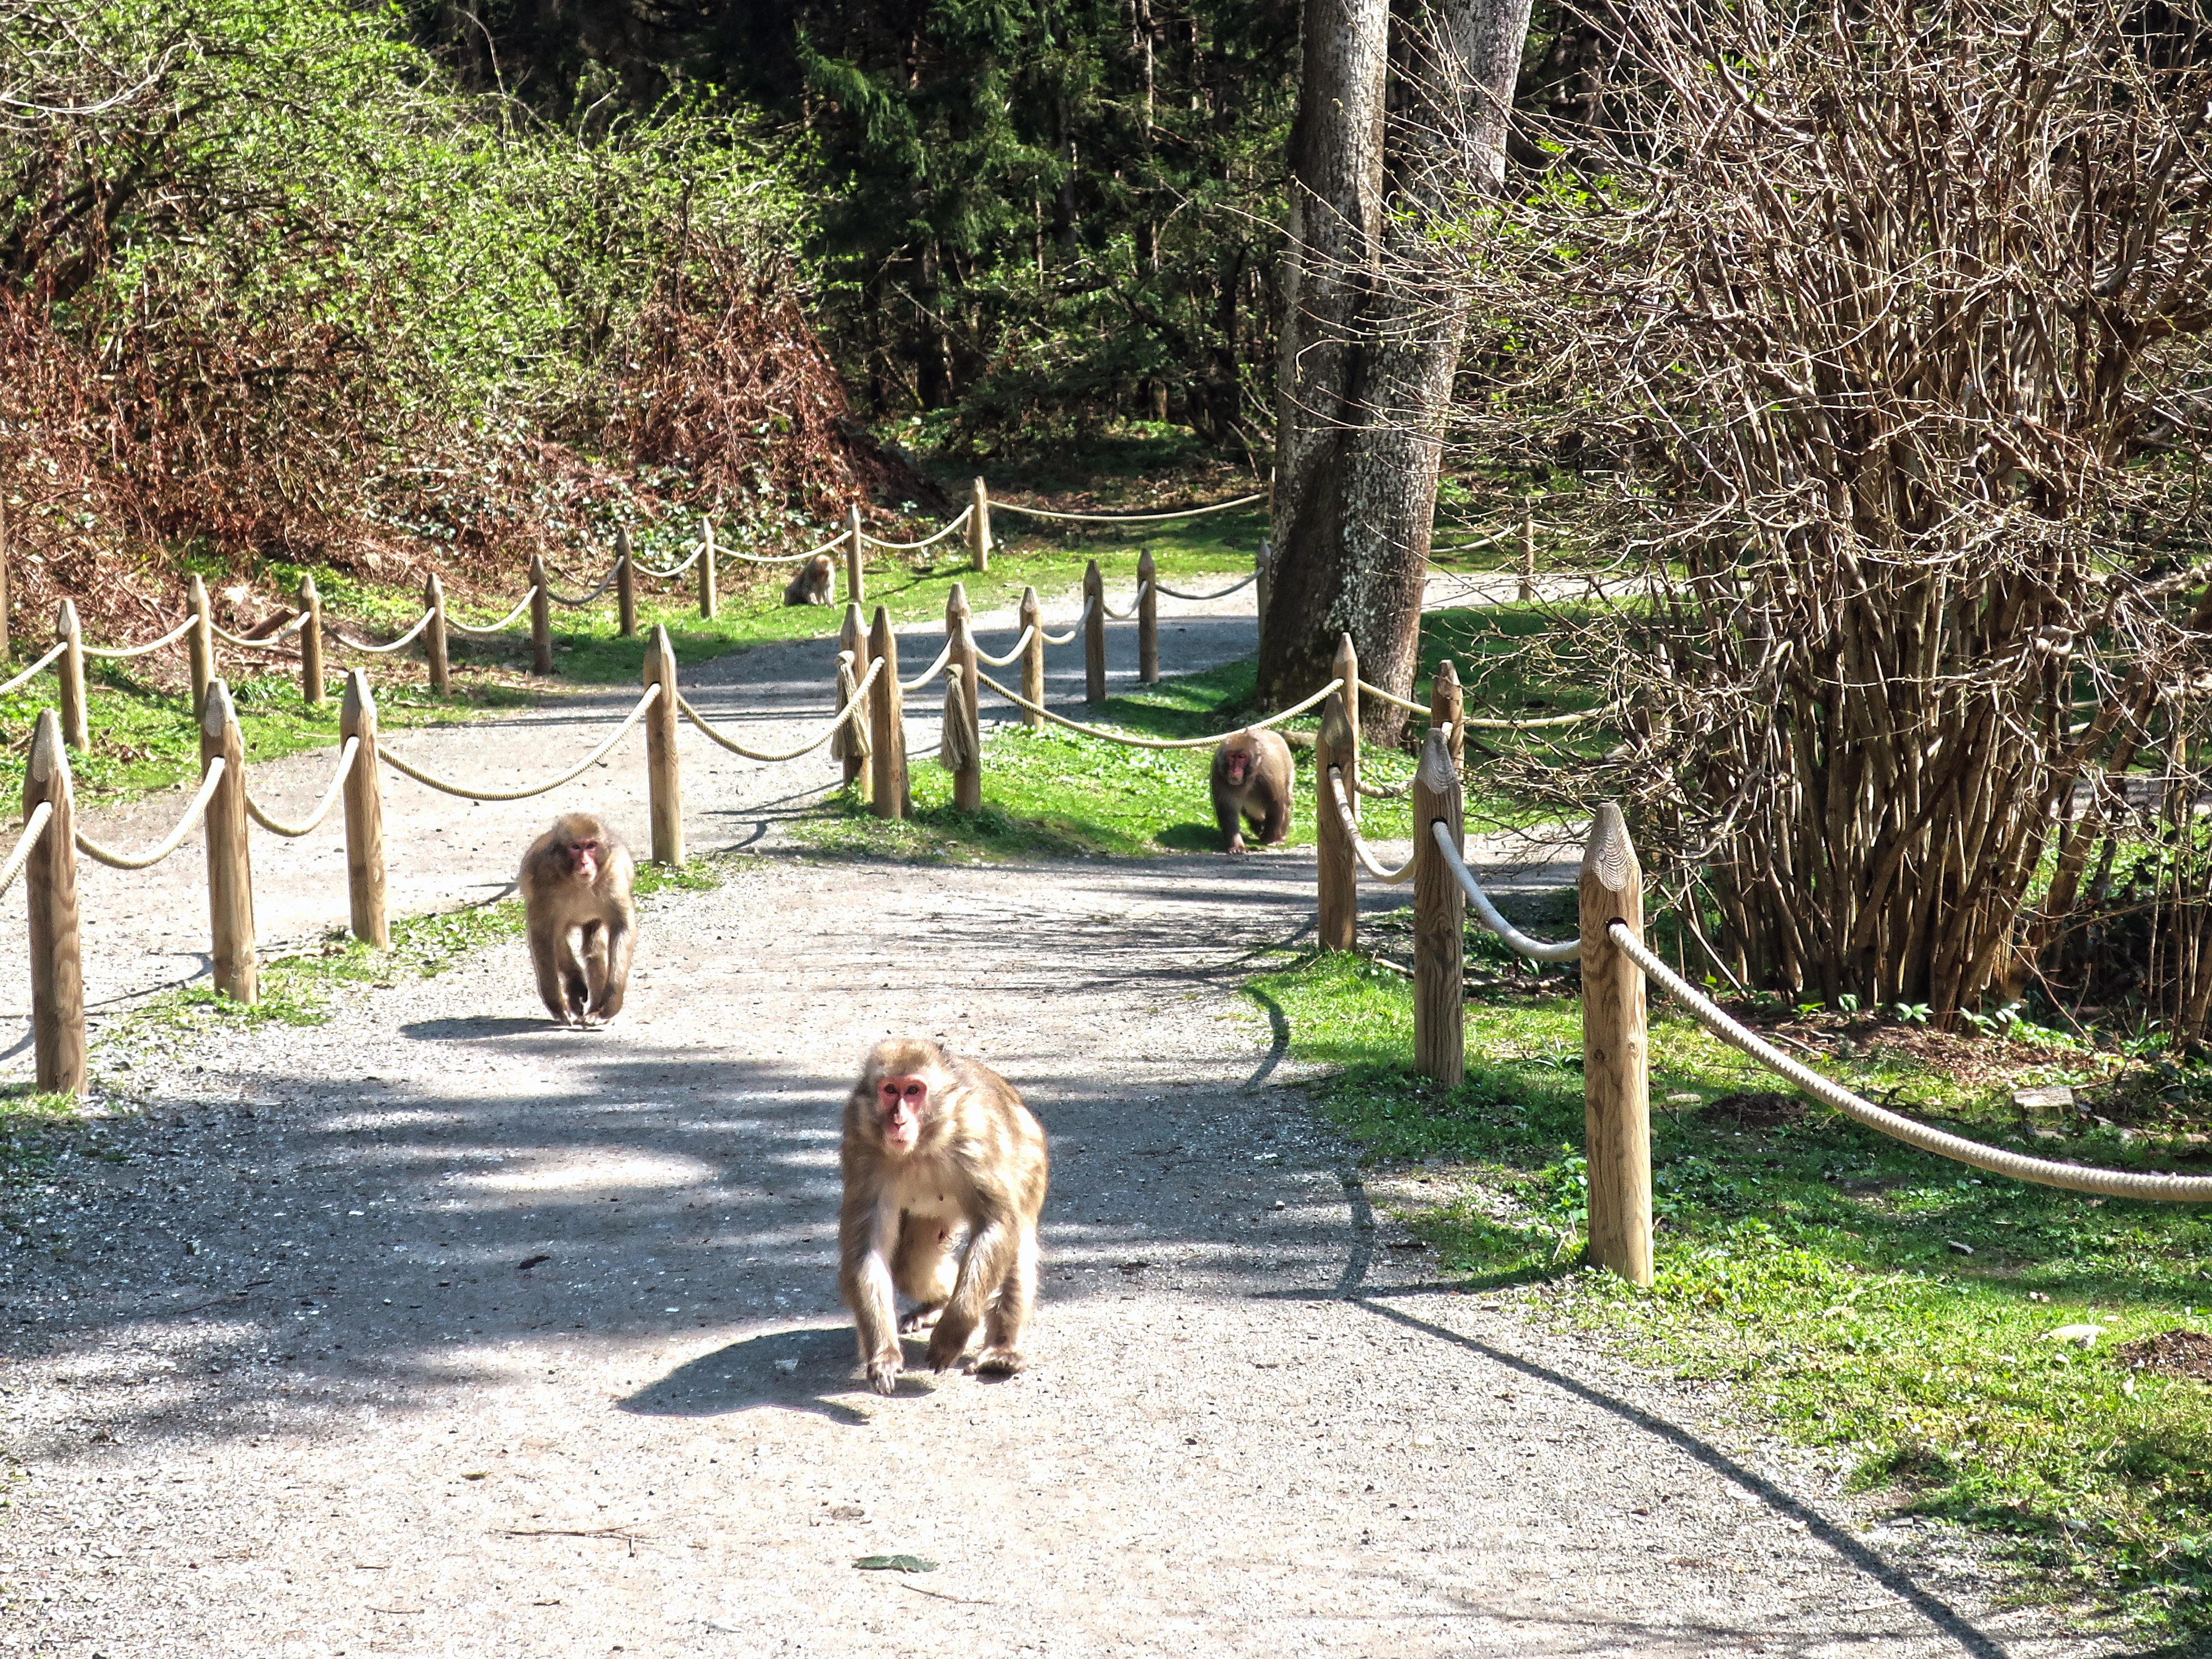 Kärnten für Kinder: 7 Highlighs in der Region Villach zwischen Abenteuer & Auszeit